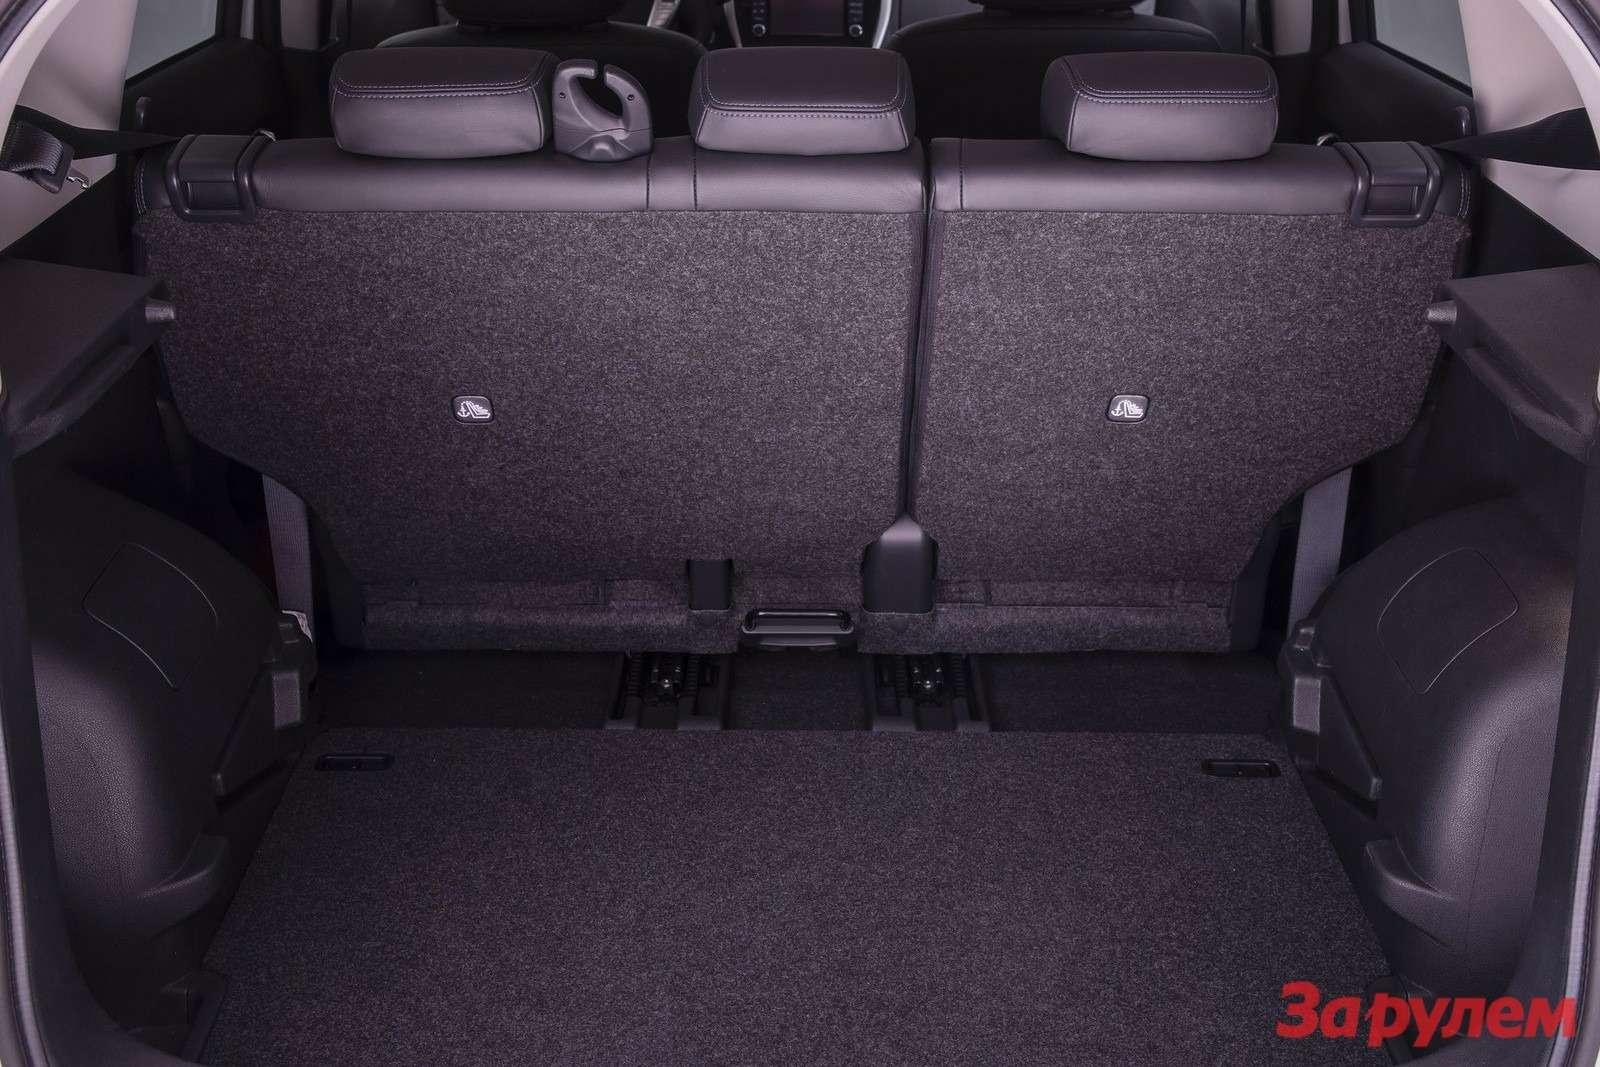 Nissan-Note_2014_1600x1200_wallpaper_1d